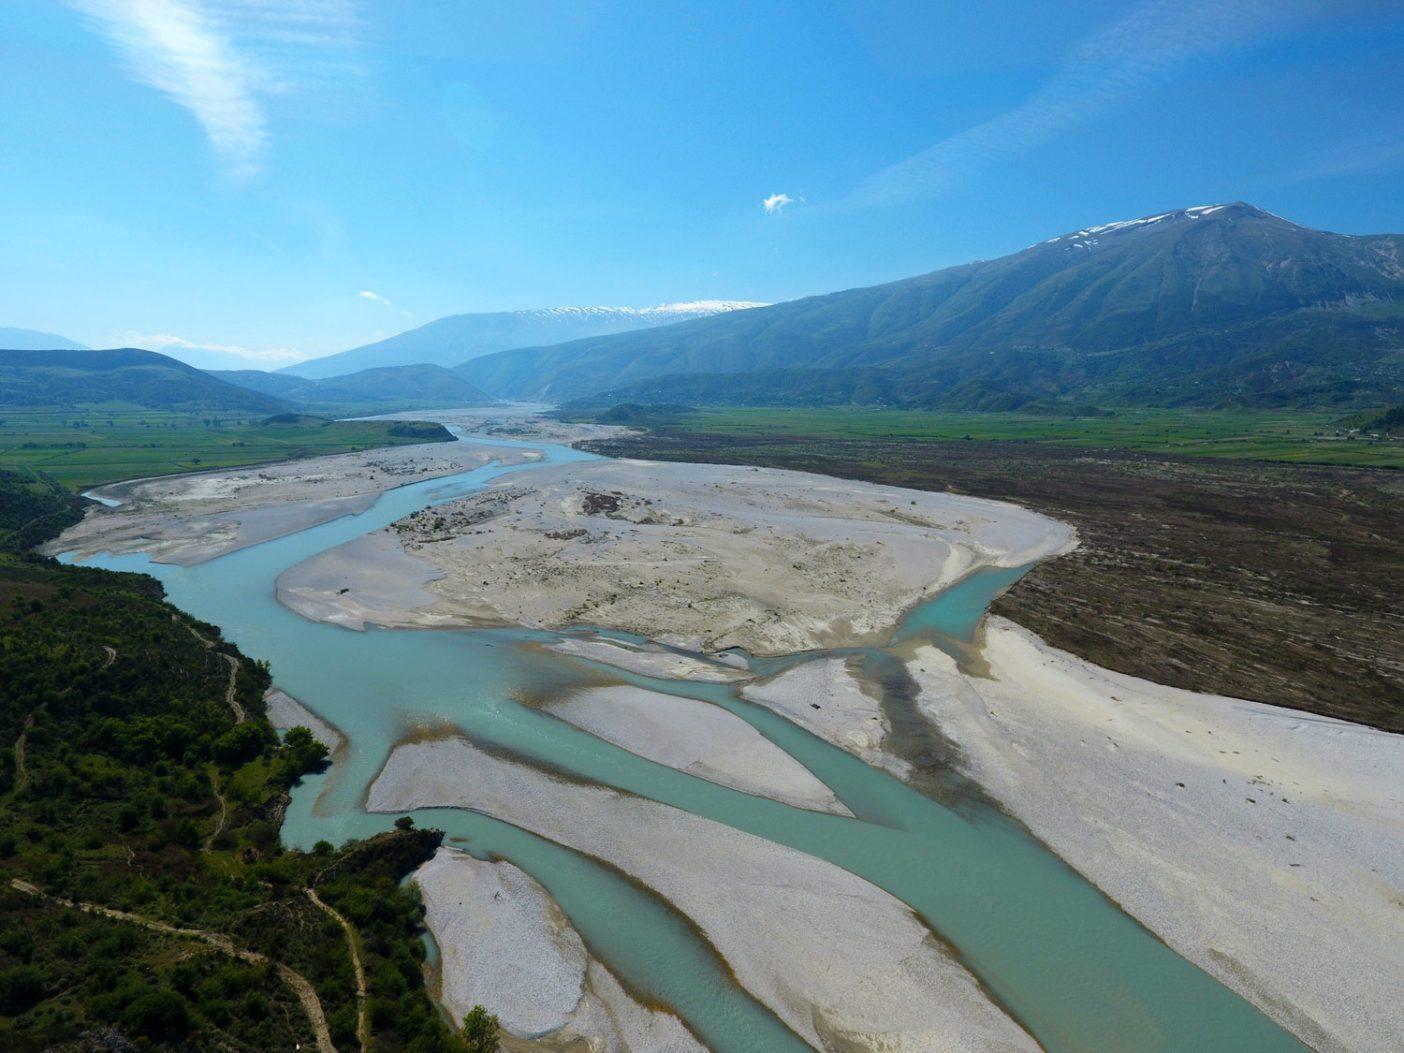 ロシアを除くヨーロッパ最後の原生大河であるヴョサ川は未だ十分な調査がなされていない。 Photo: © Gregor Subic